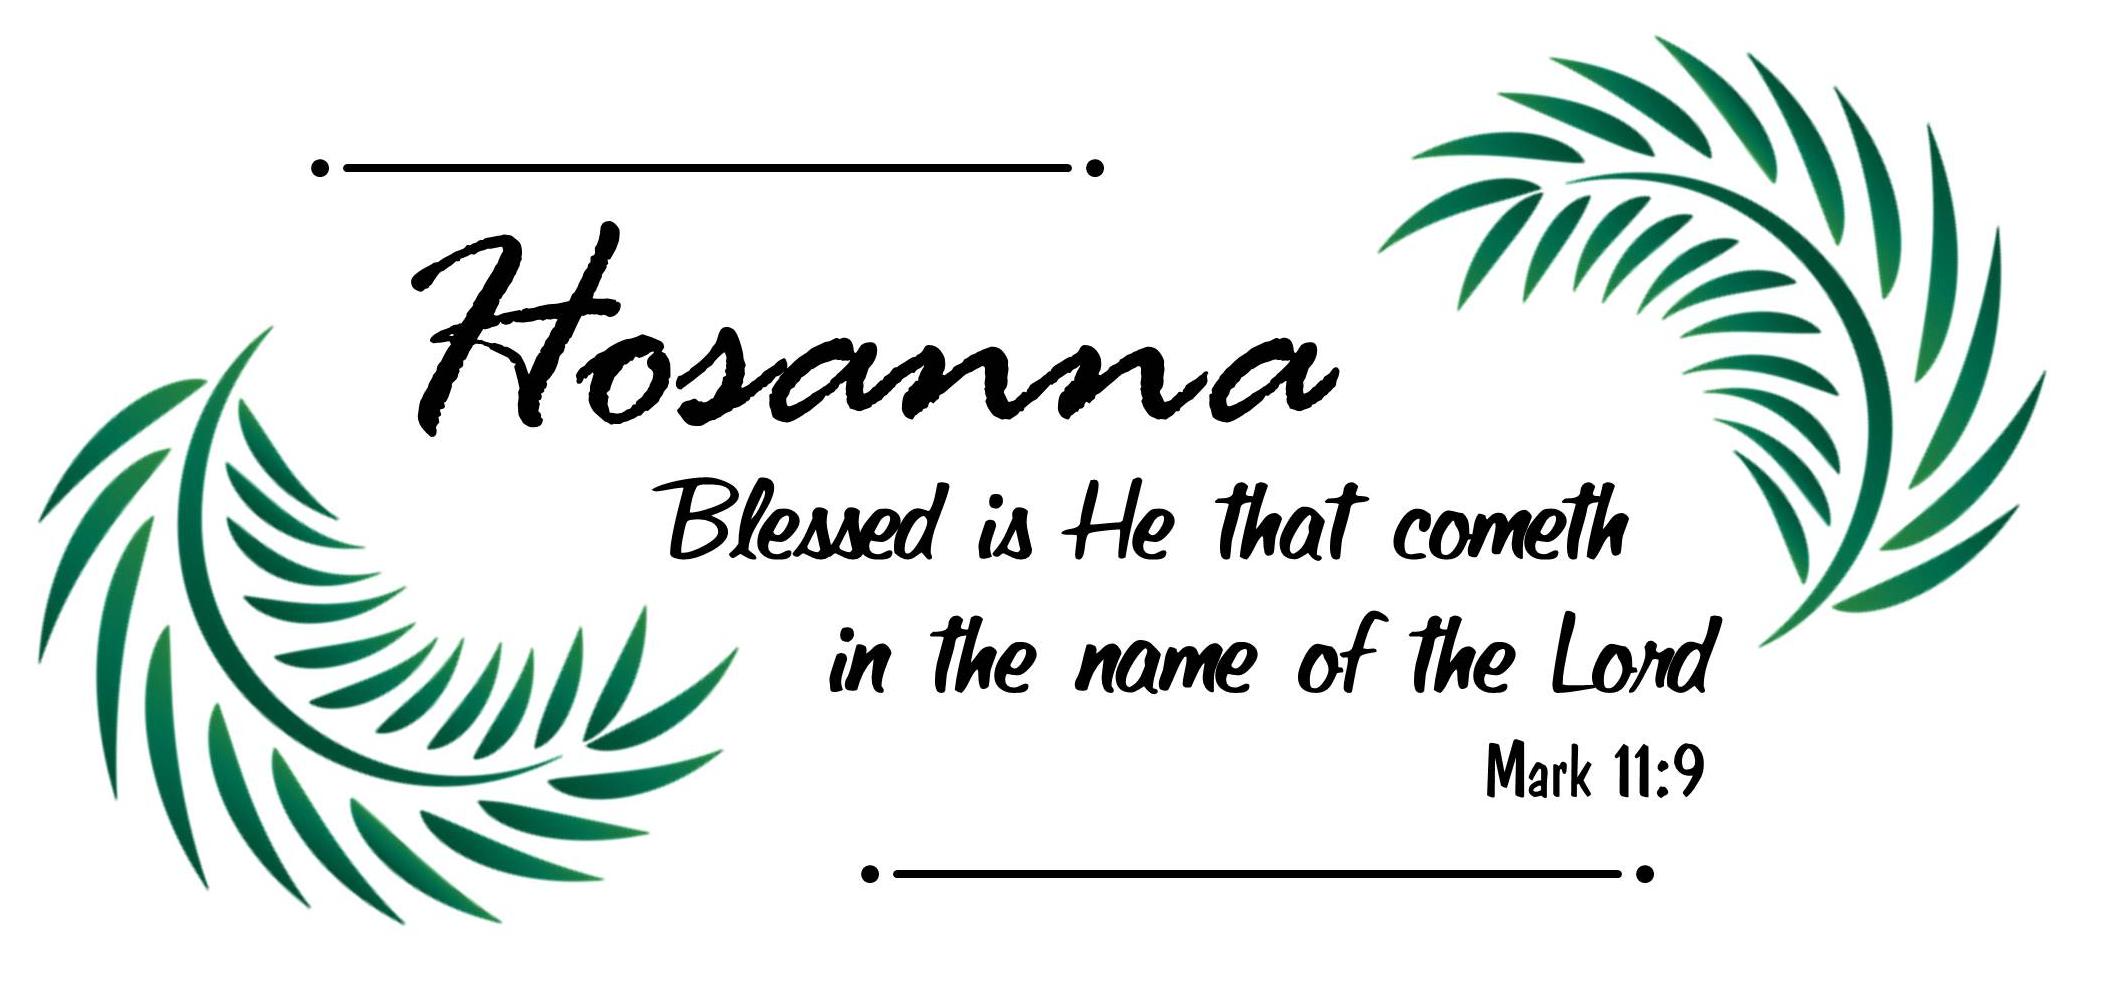 Mark 11:9